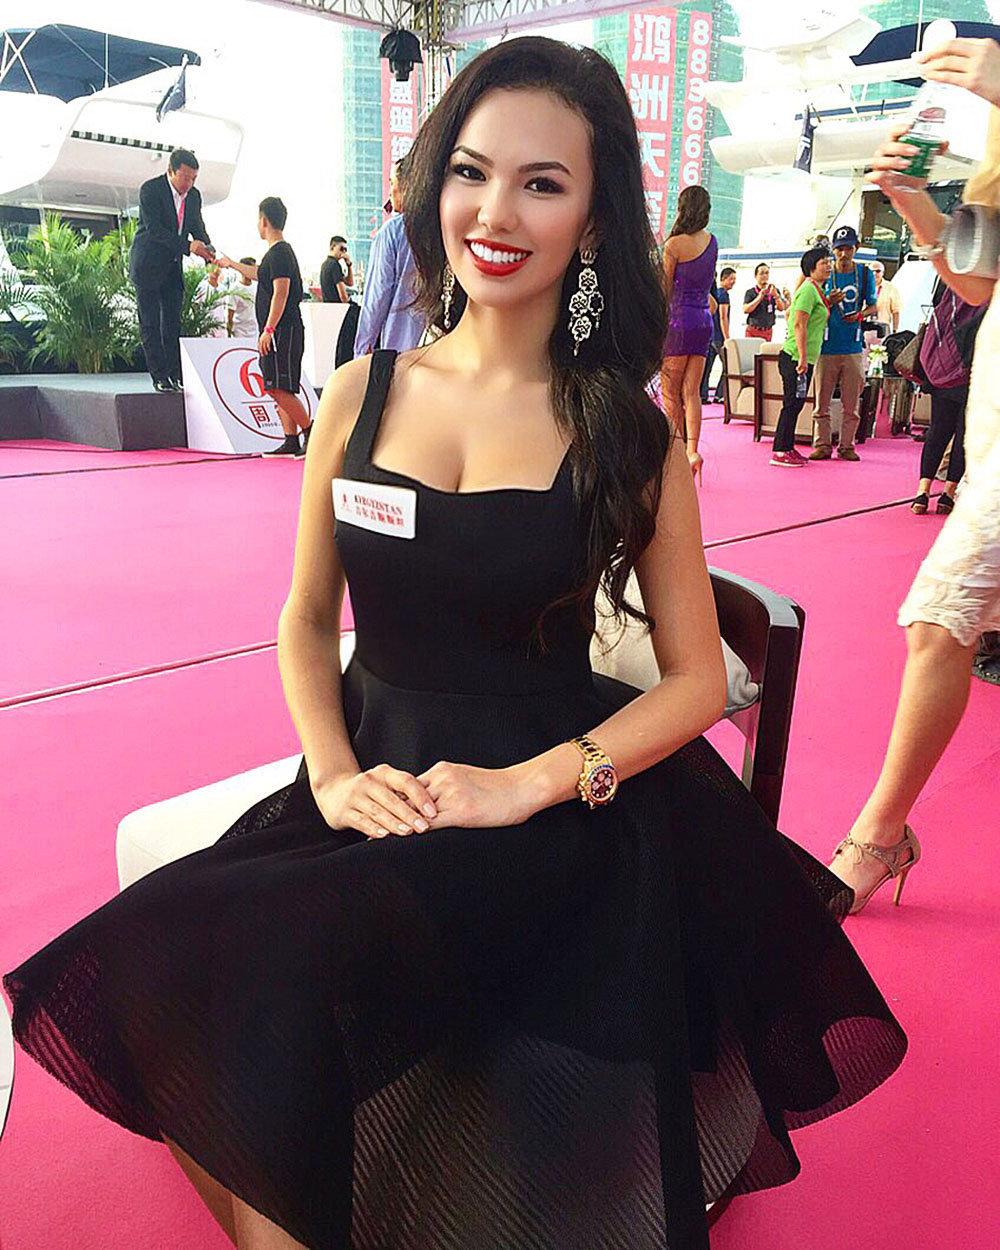 Победительница национального конкурса красоты Таттыбубу Самидин кызы в Китае